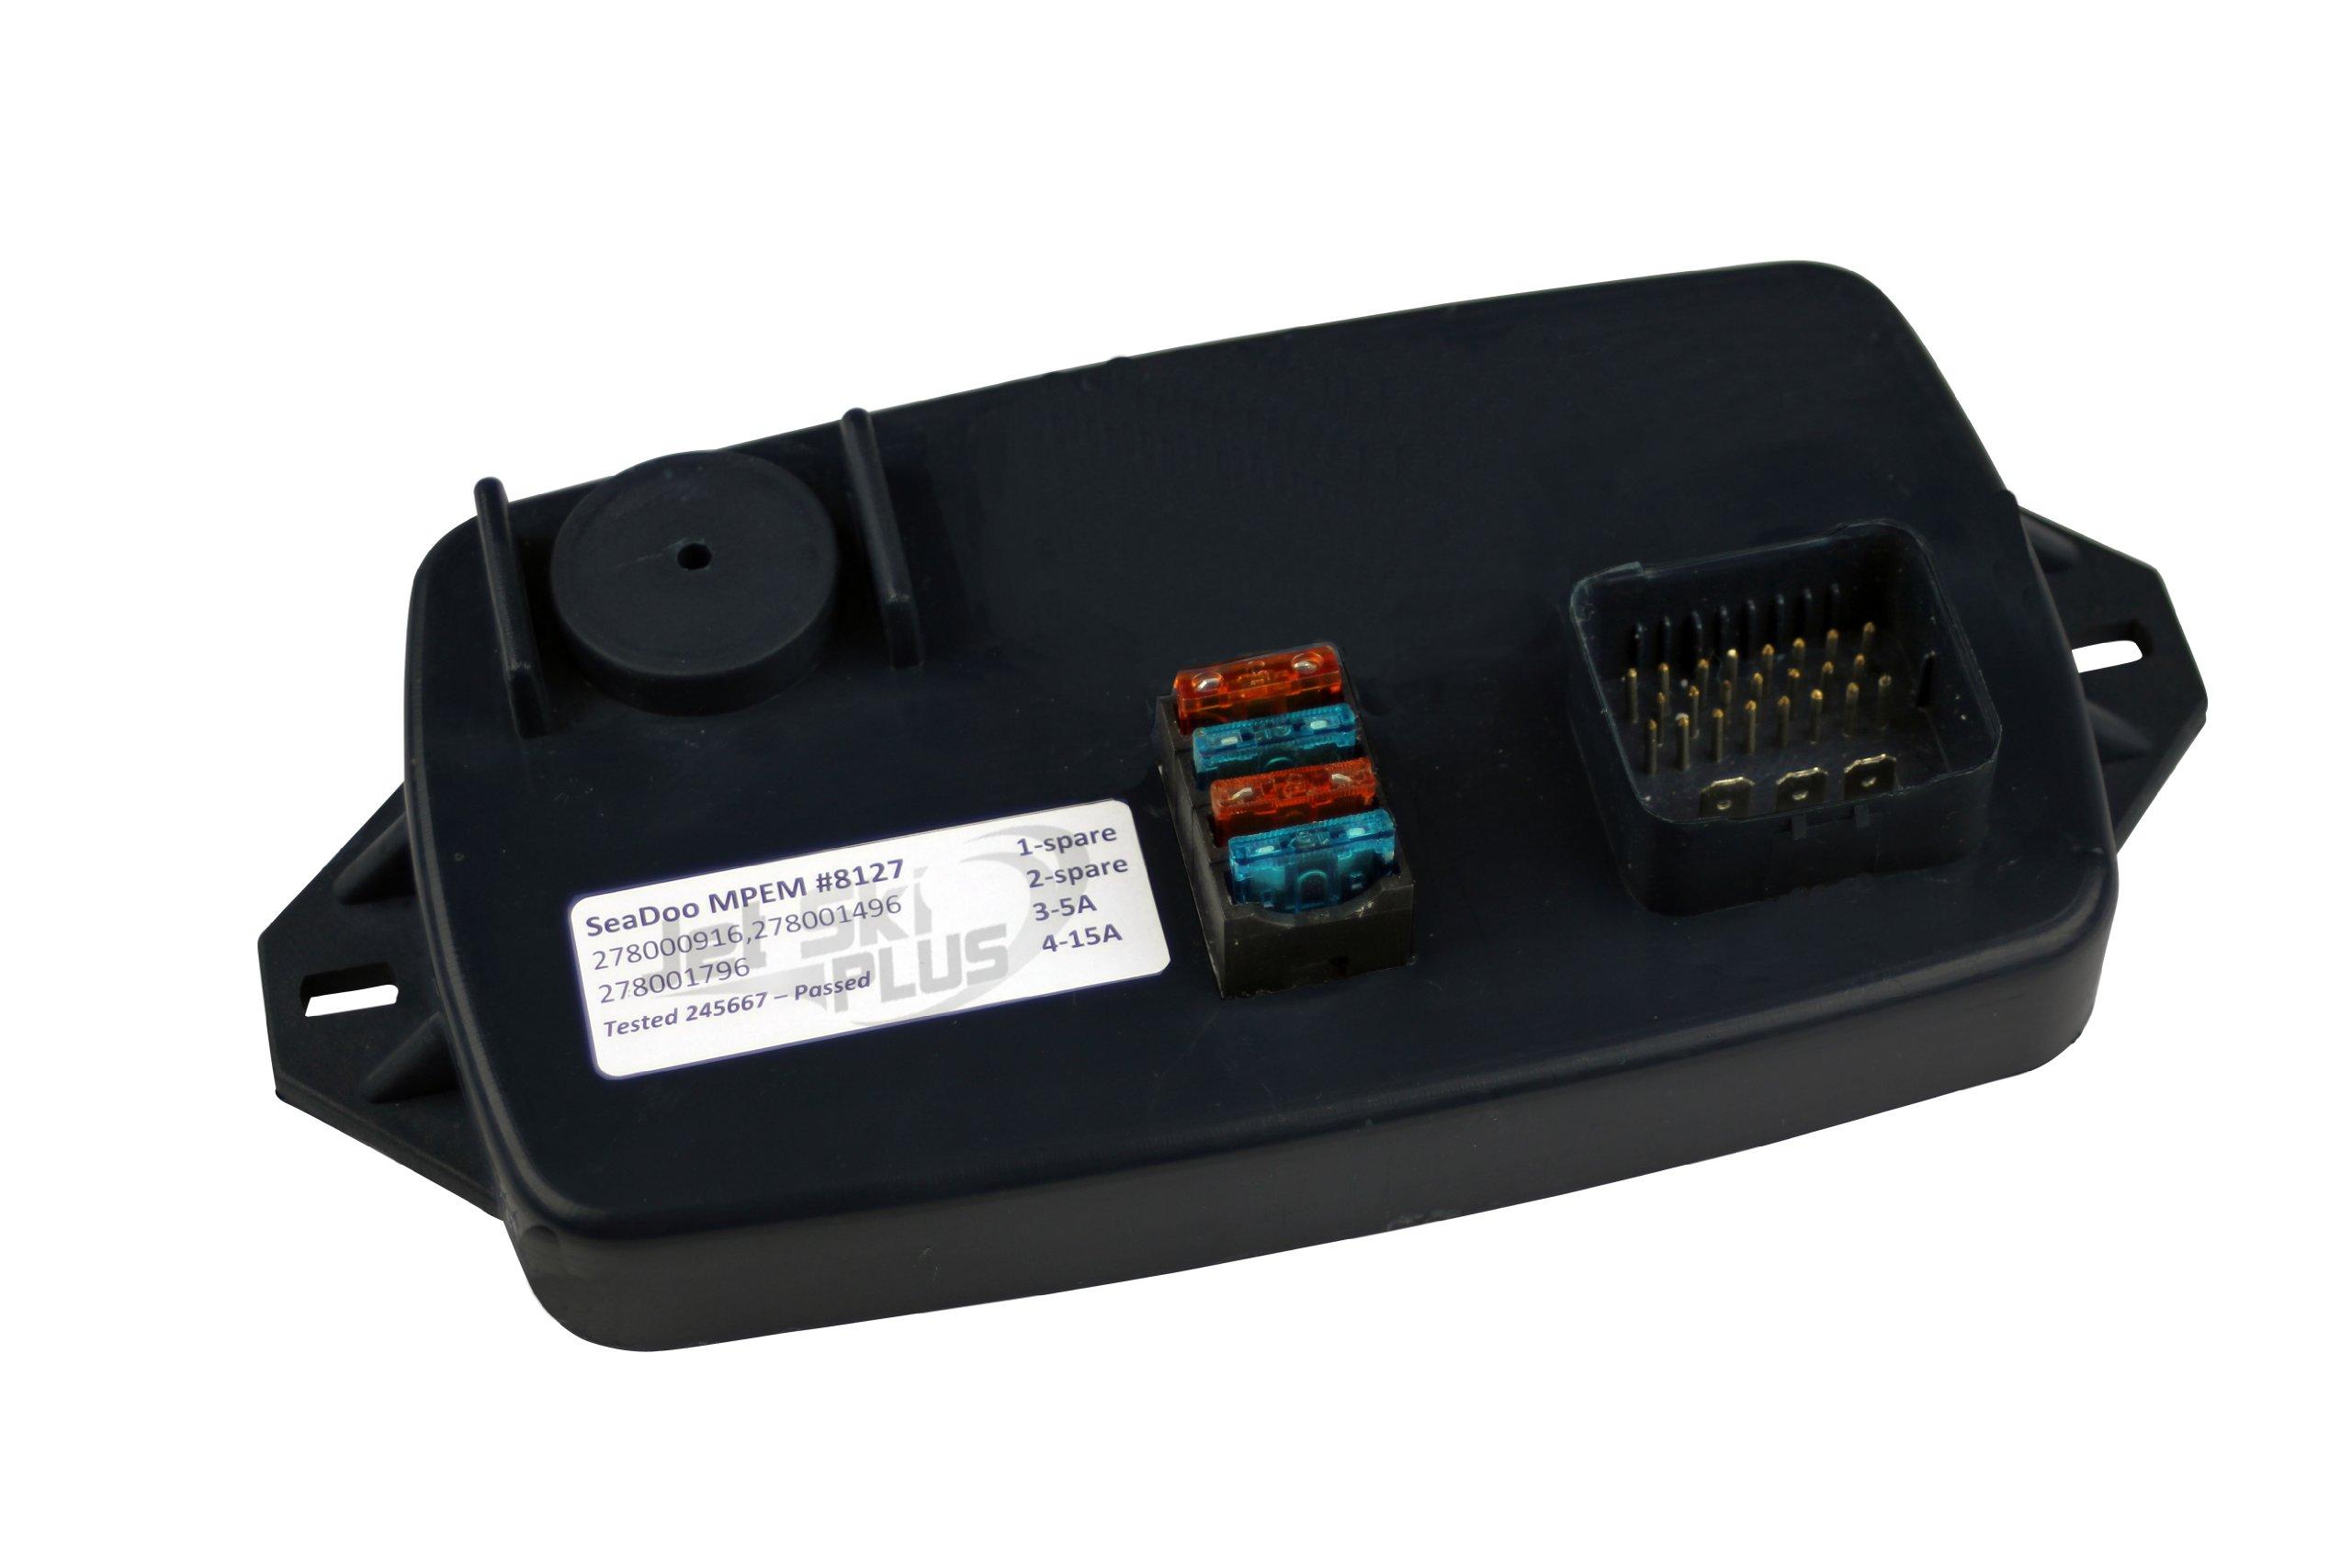 SeaDoo MPEM GS GTI GTS LE 278000916 278001496 New